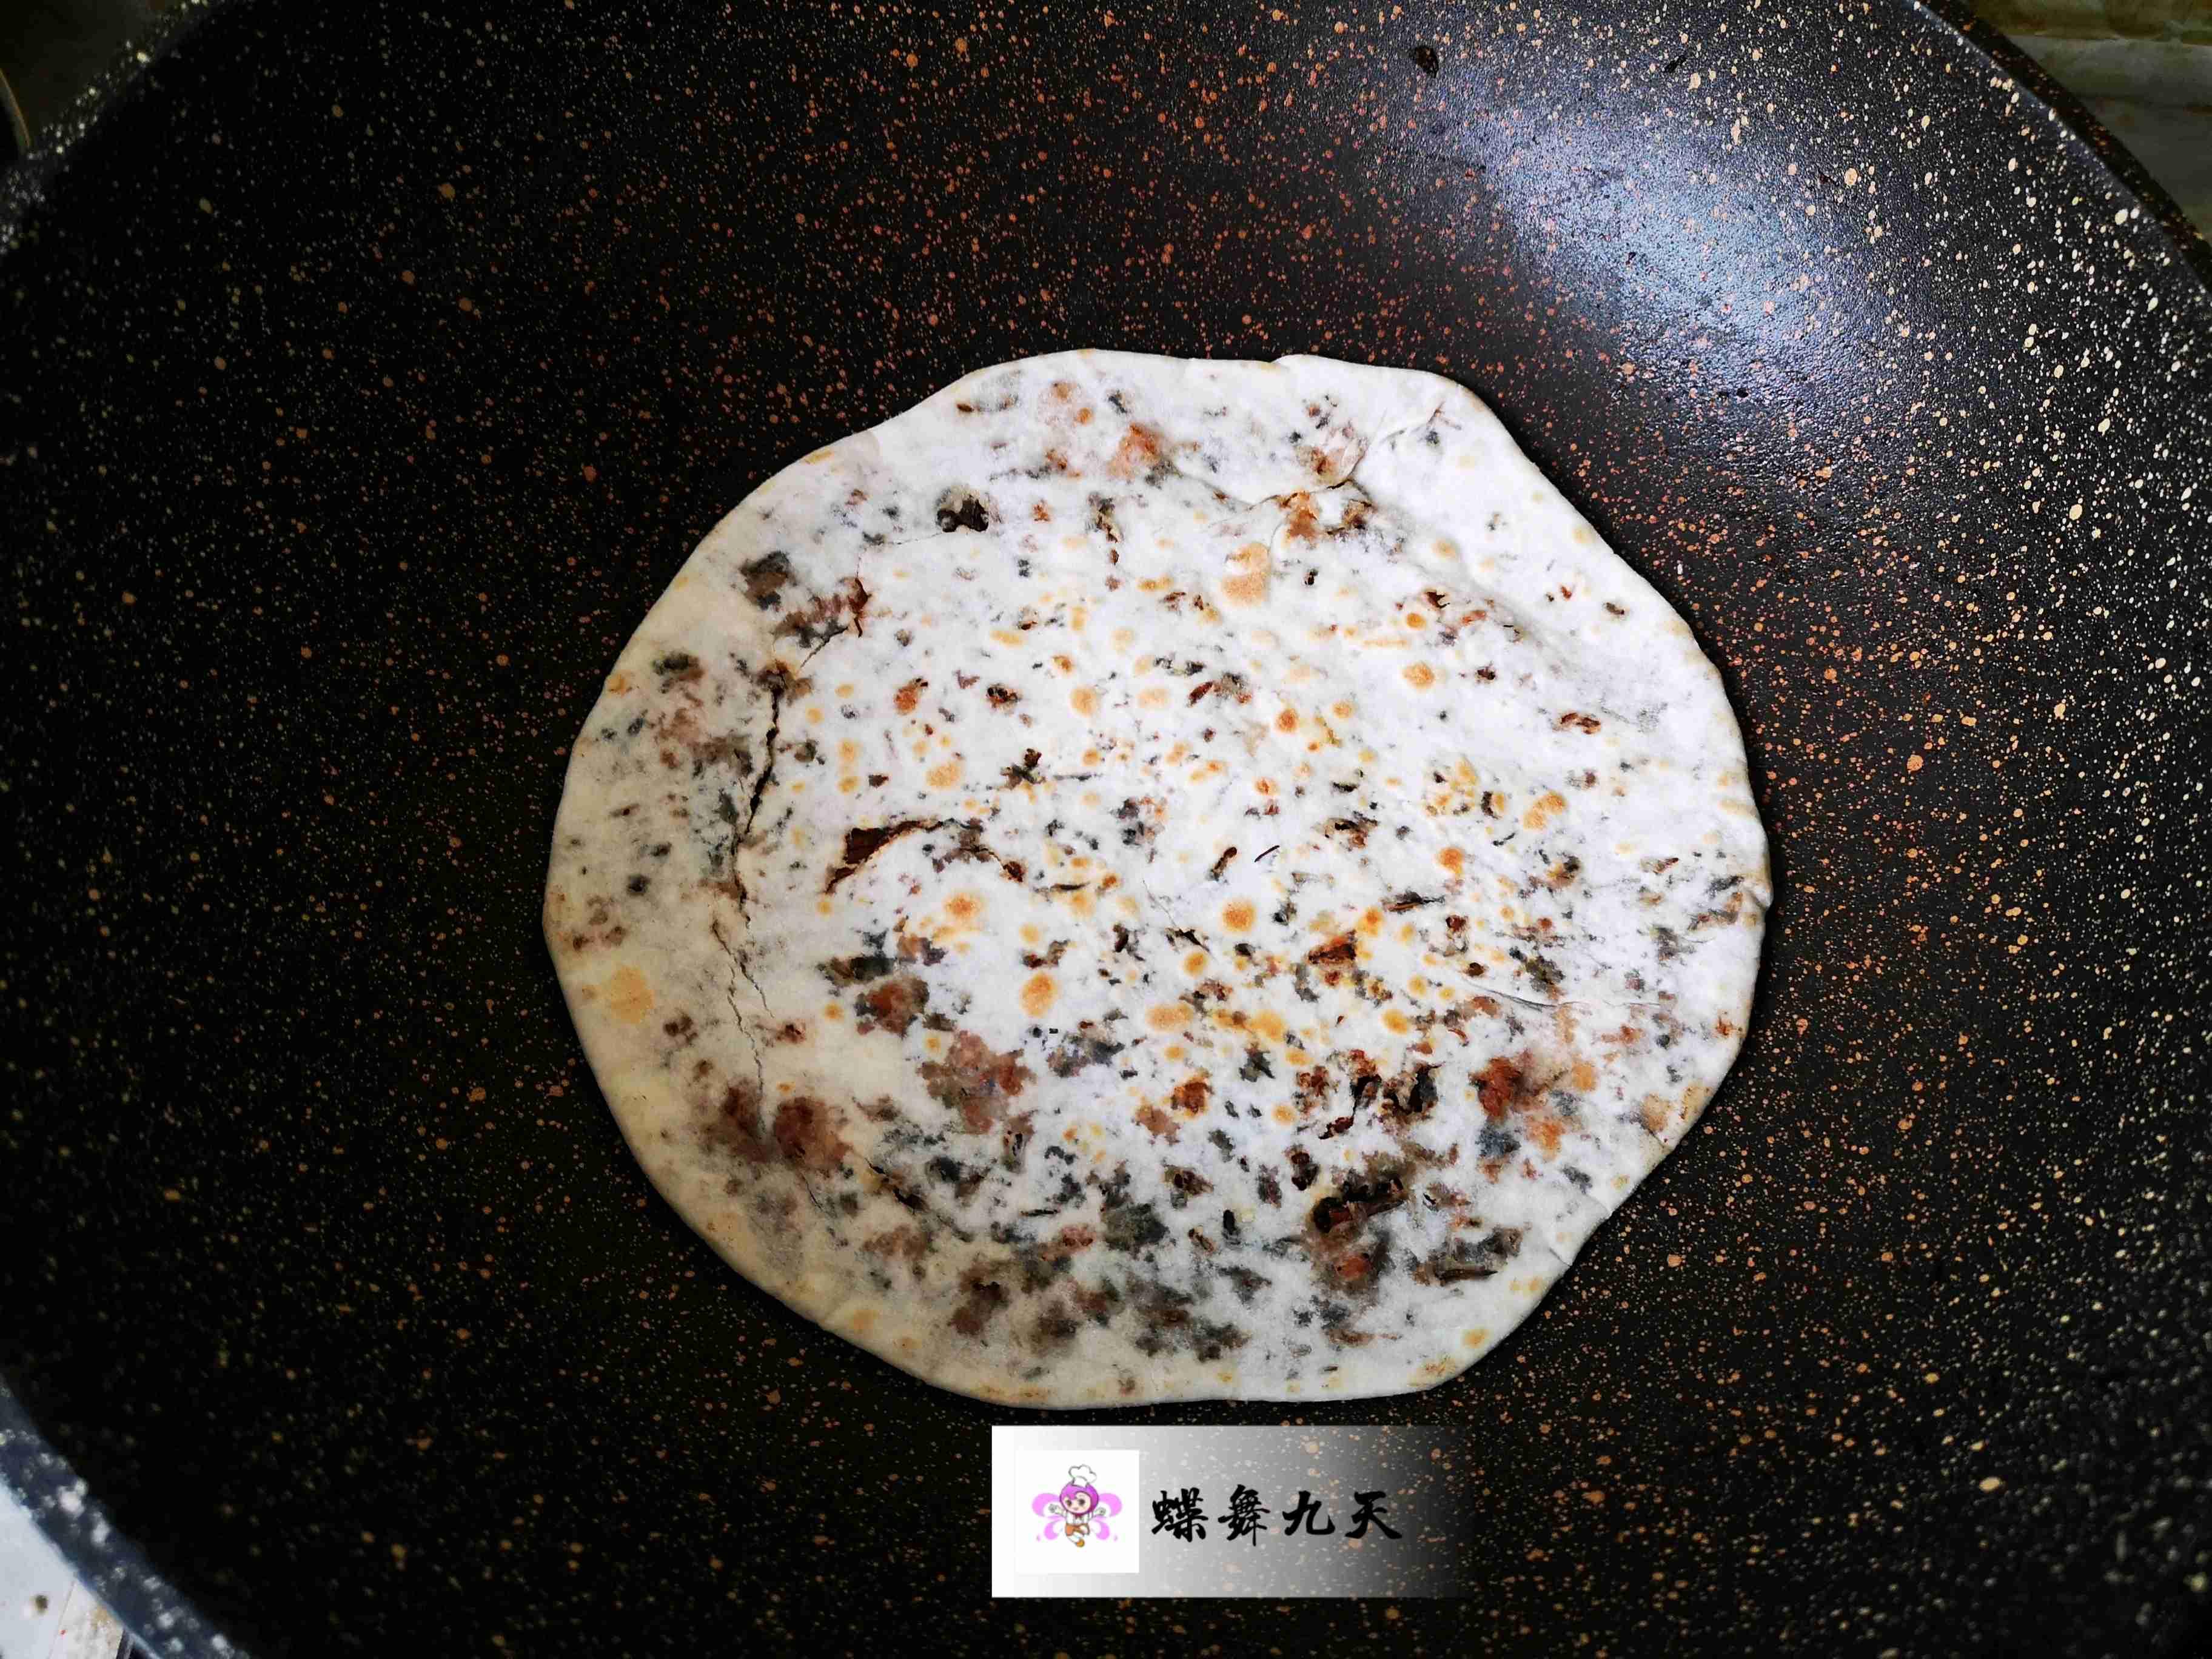 一口平底锅就可搞定,不用油煎巨好吃!梅干菜饼怎么炖